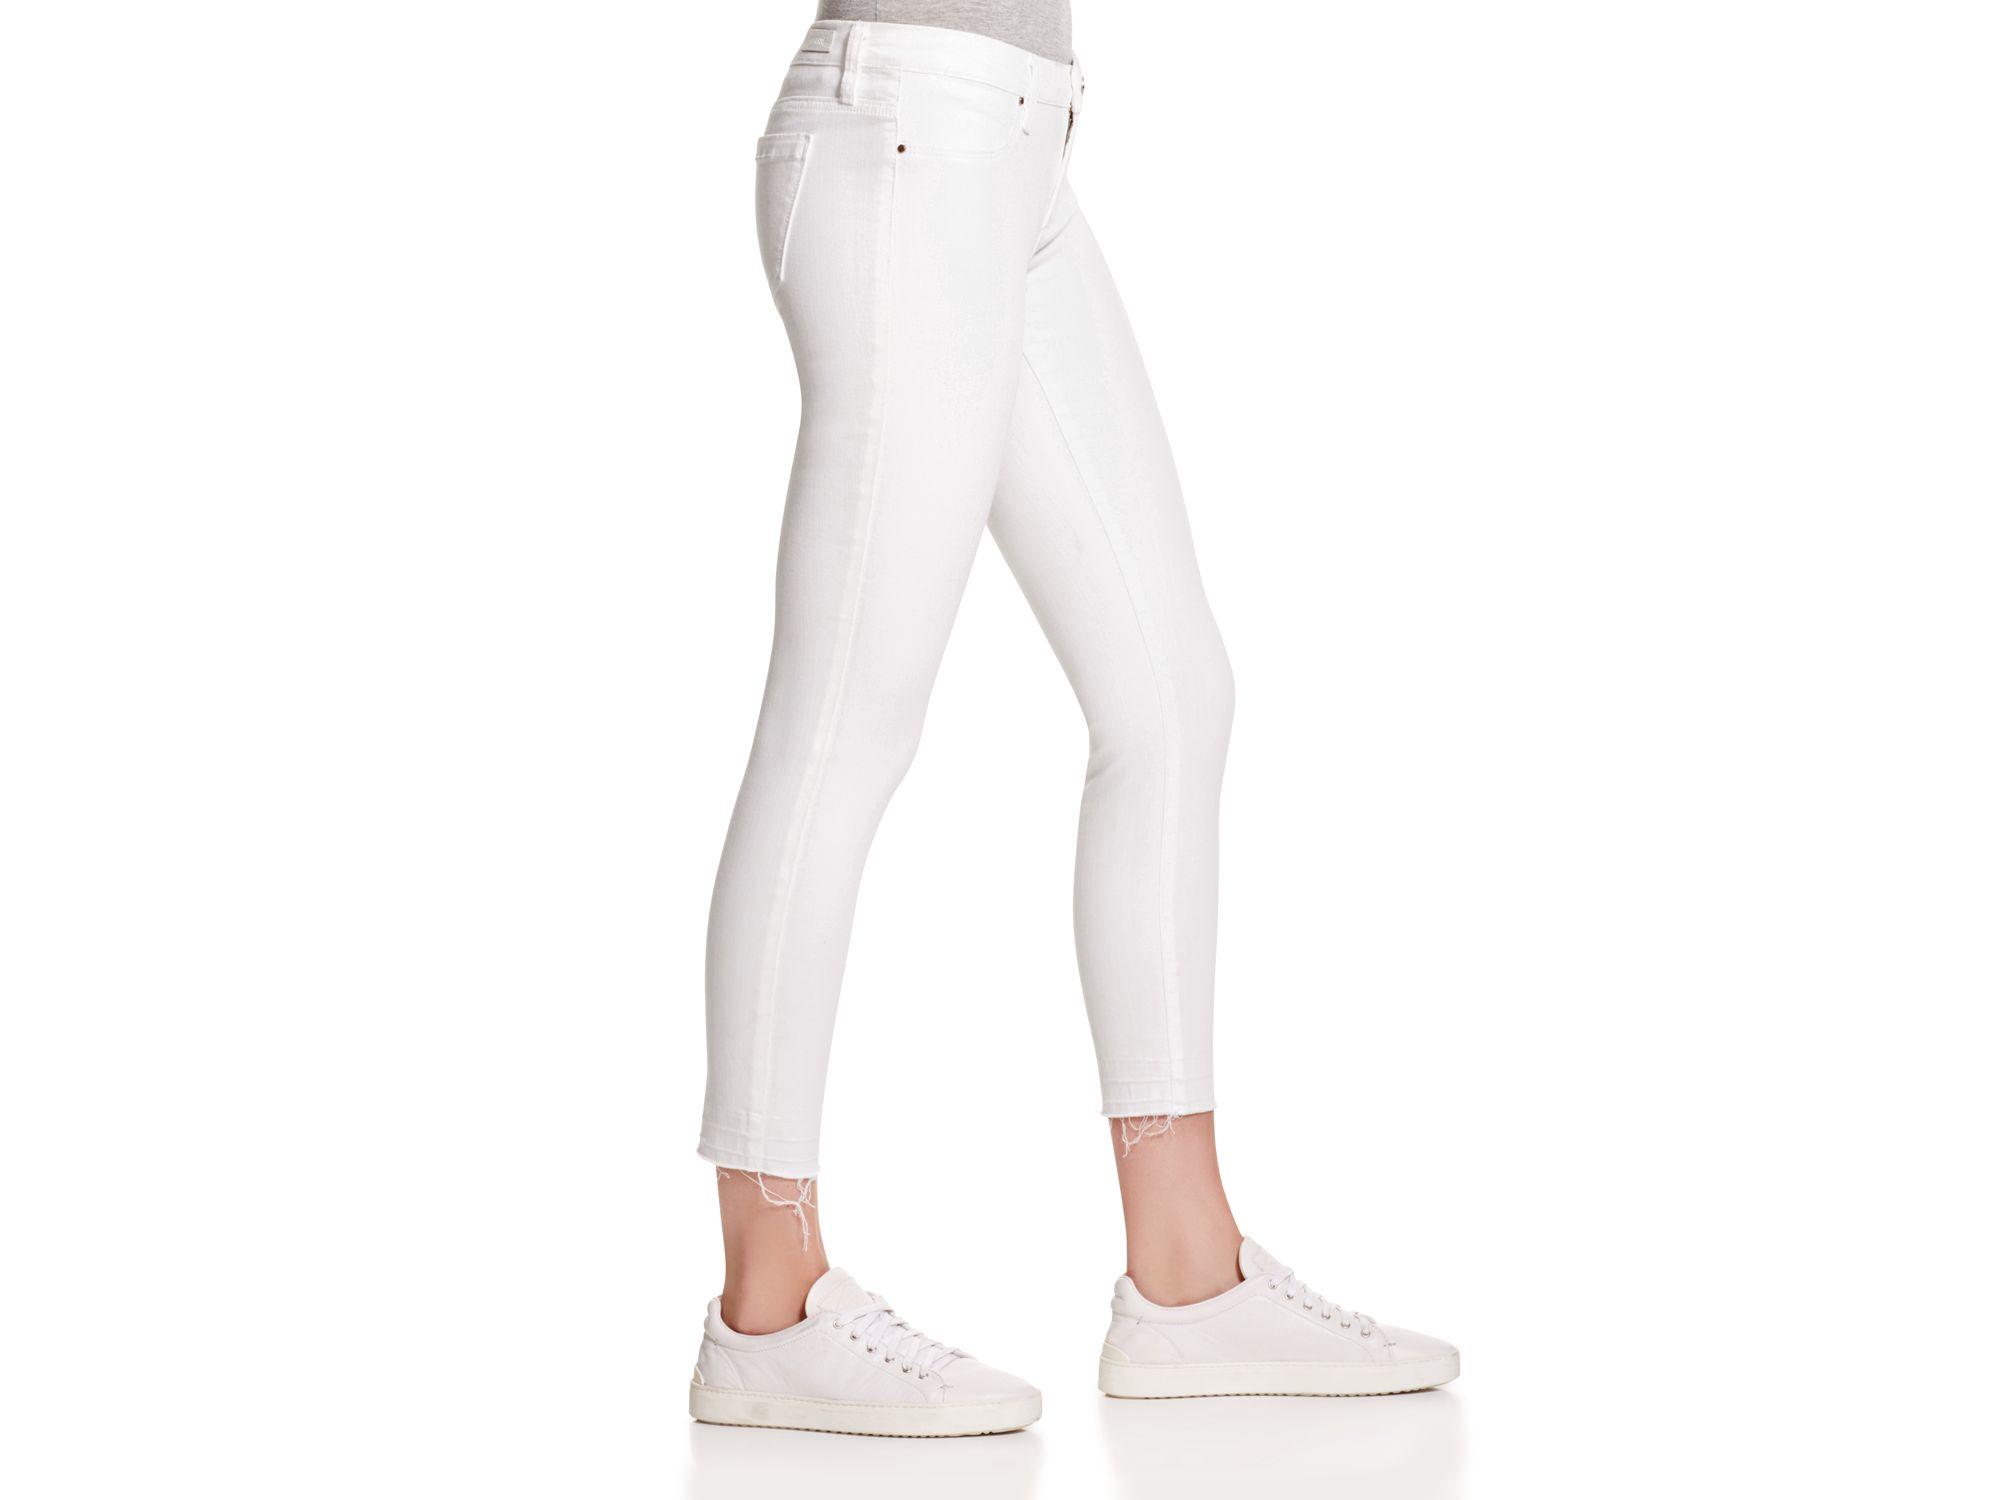 Blank Denim Skinny Cropped Jeans In White